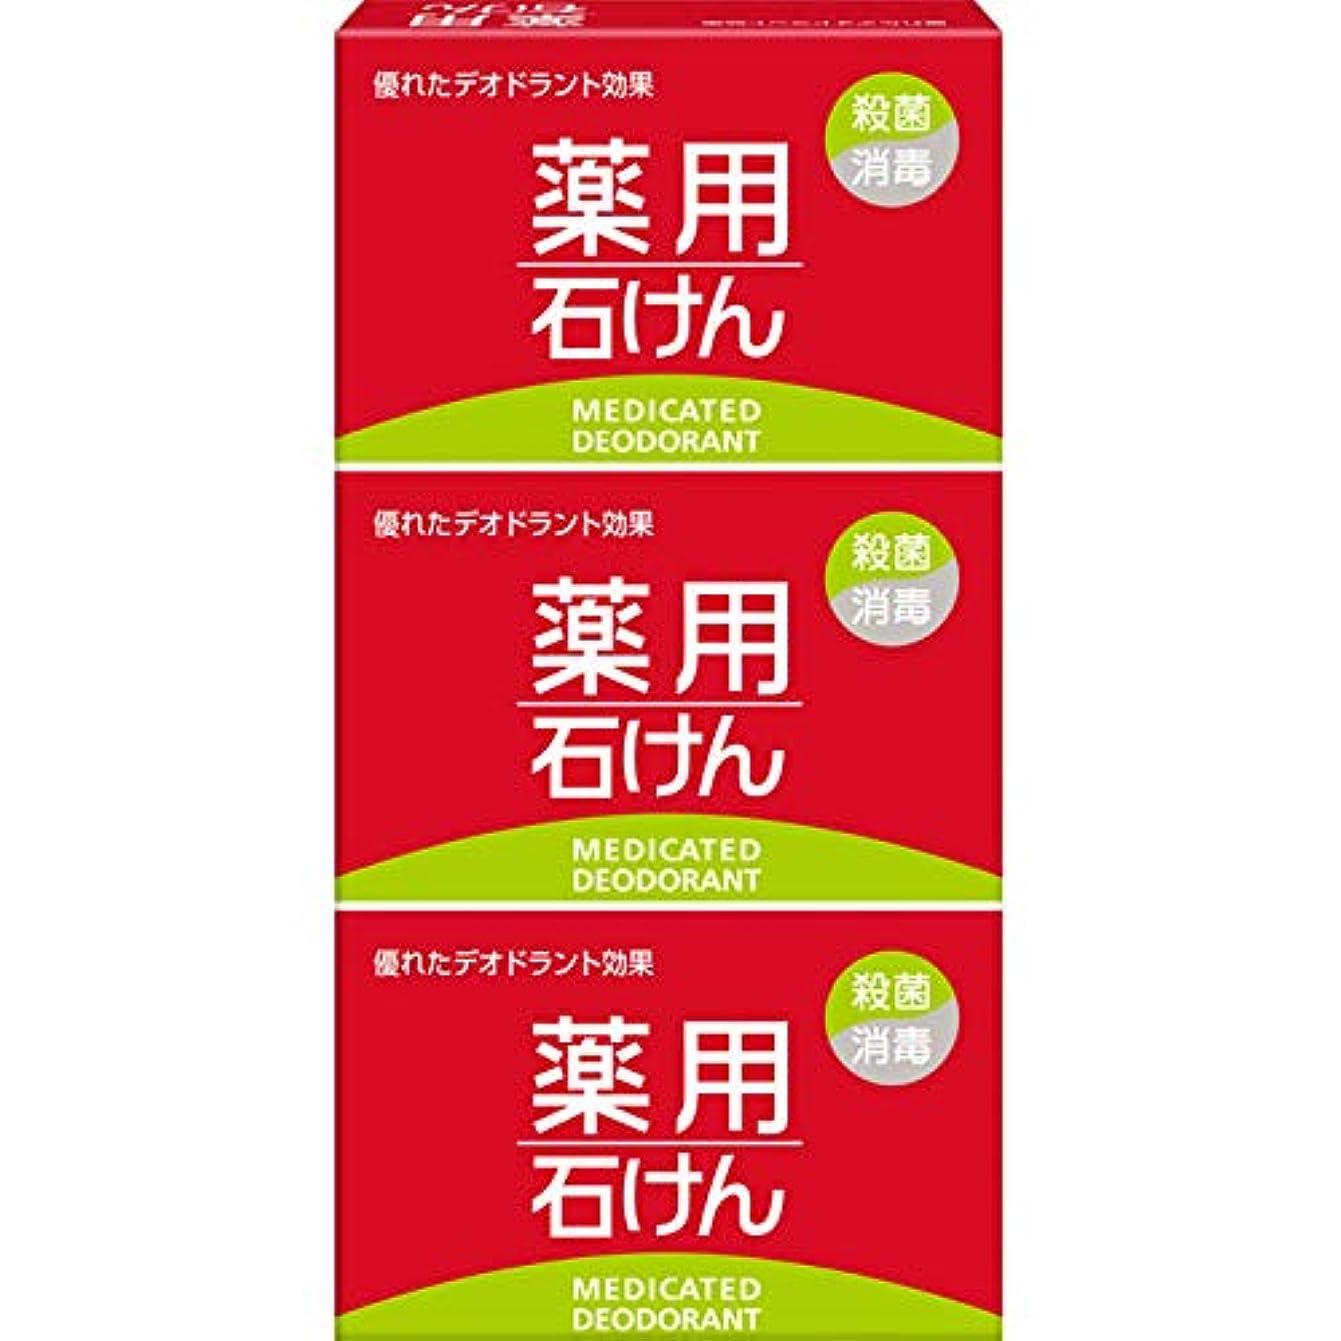 派手評価可能レンダリング薬用石けん 100g×3個 (医薬部外品)